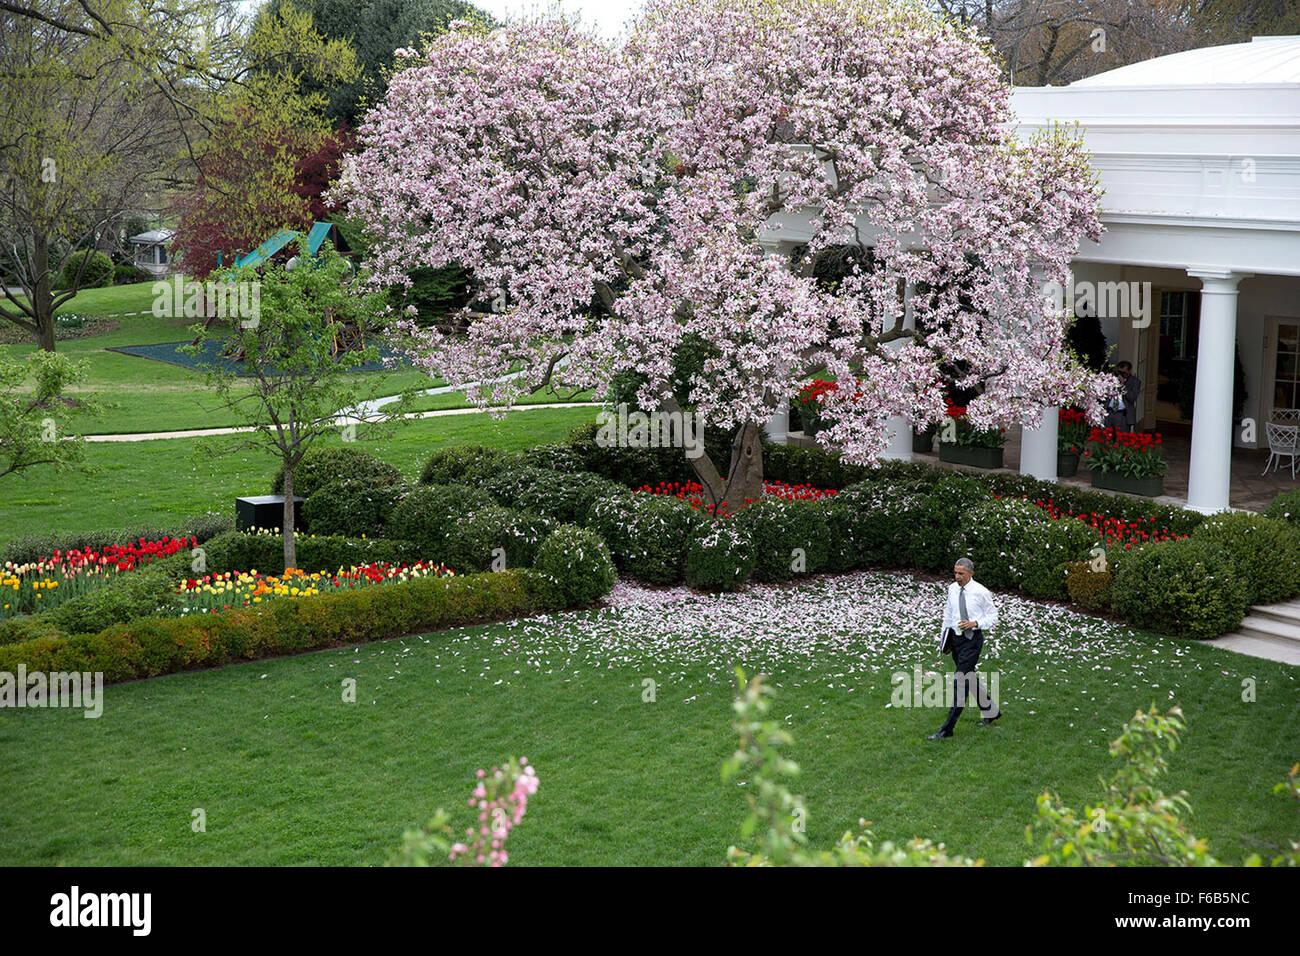 Il presidente Barack Obama passeggiate attraverso il Giardino delle Rose  della Casa Bianca sul suo modo di firmare il disegno di legge H.R. 2  Accesso